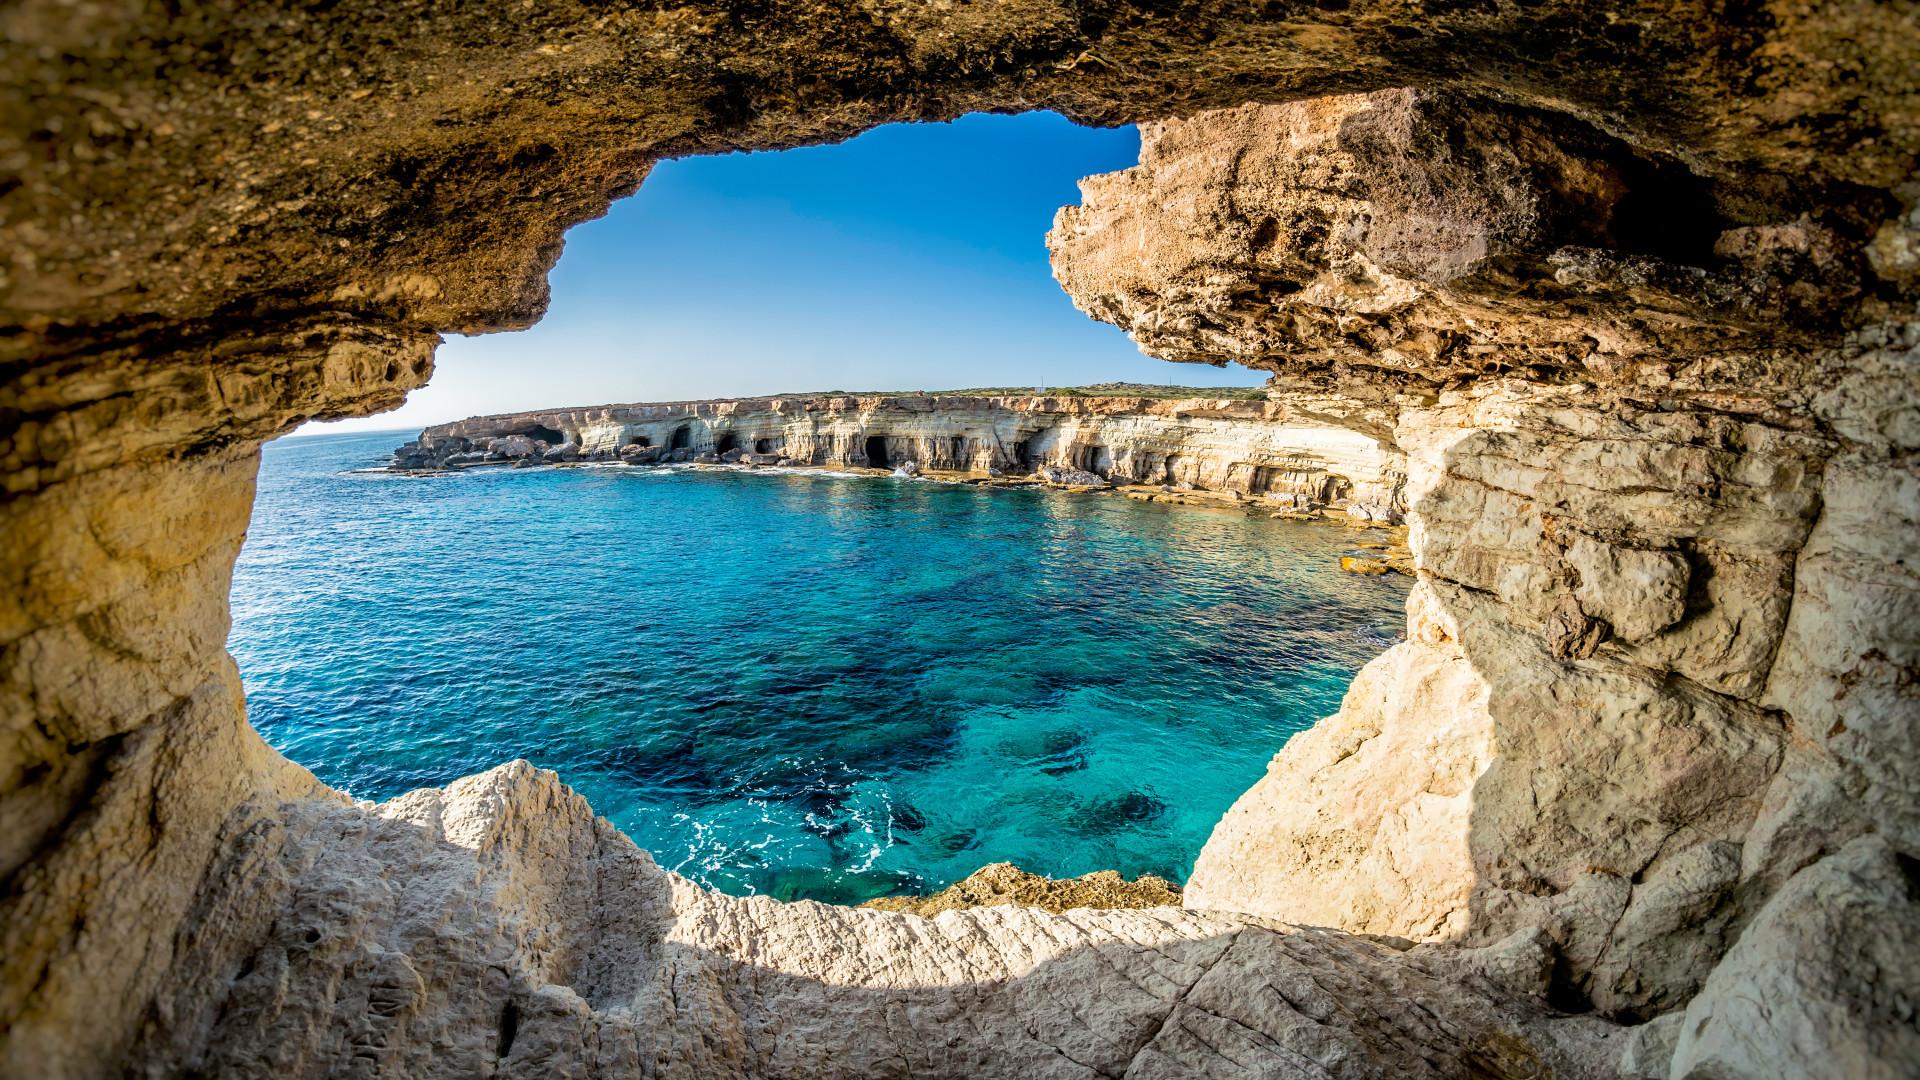 Zee grotten met helderblauw water, Ayia Napa, Cyprus